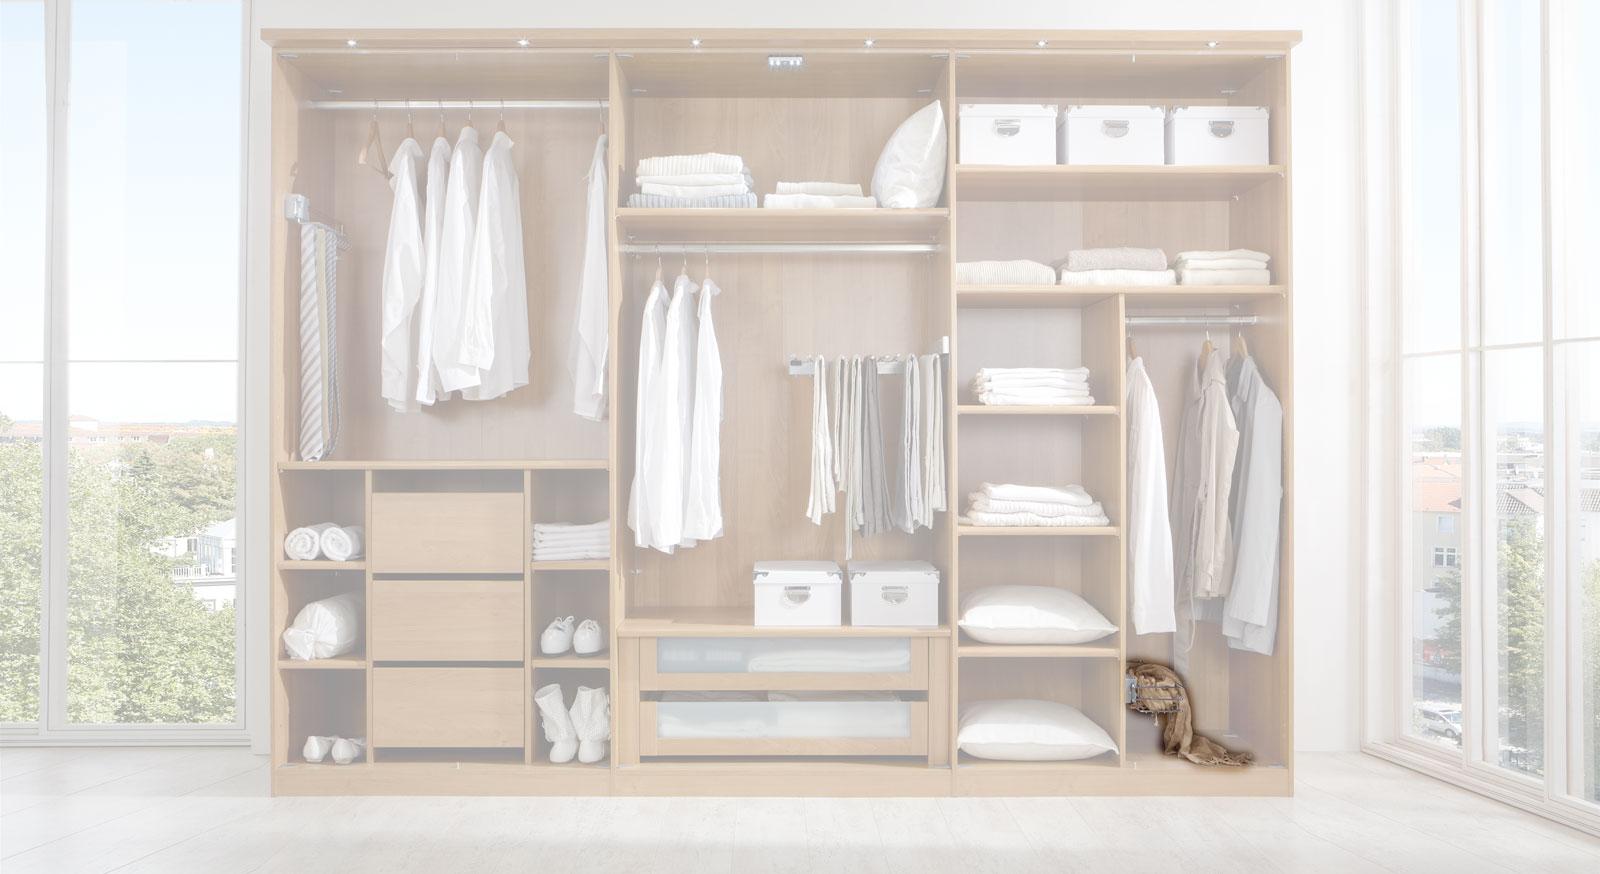 Utensilien-Auszug der Innenausstattung für Kleiderschränke